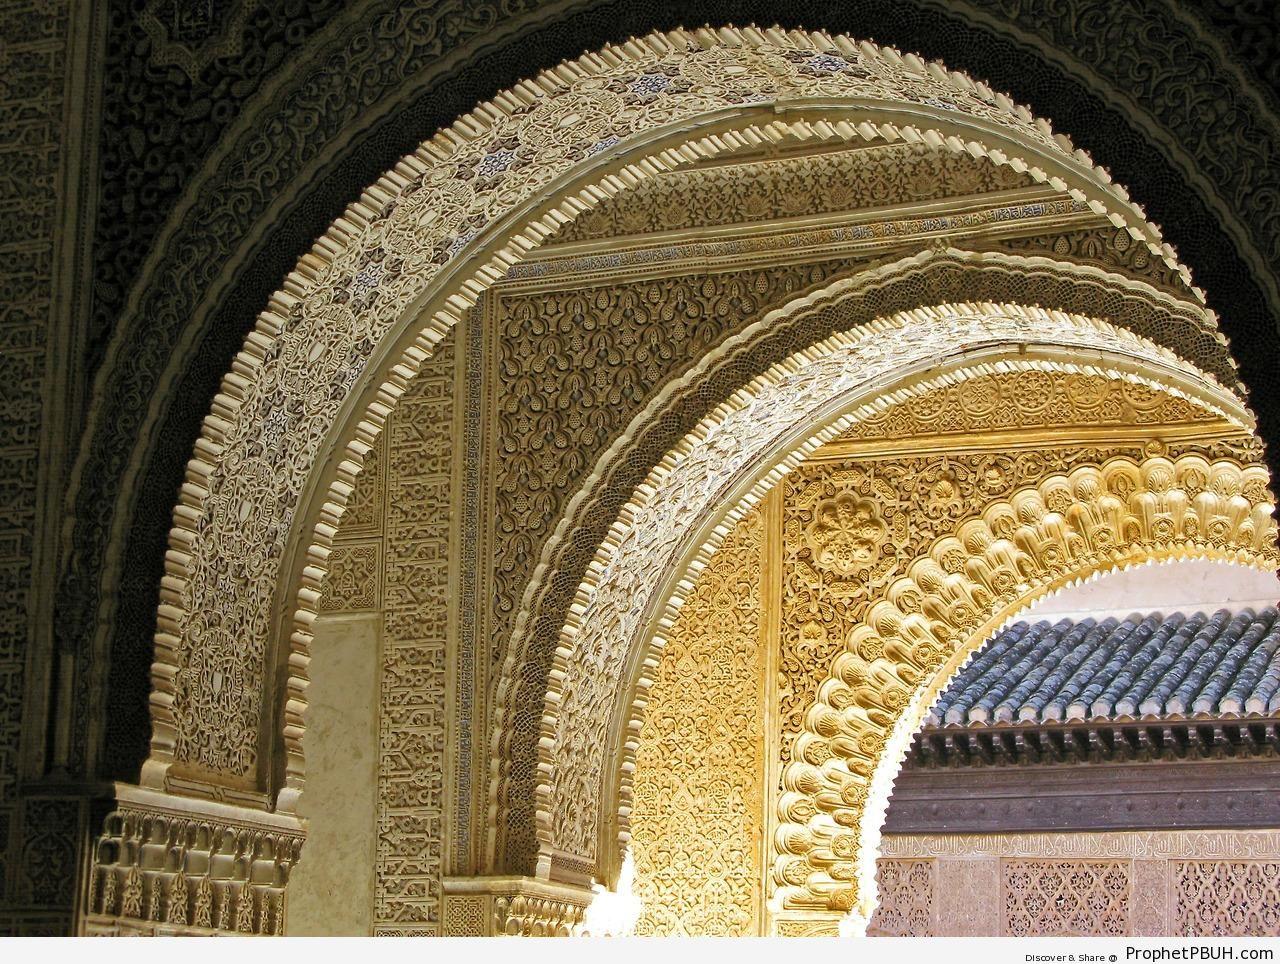 Arches at Alhambra (Granada, Andalusia) - Alhambra Complex in Granada, Spain -